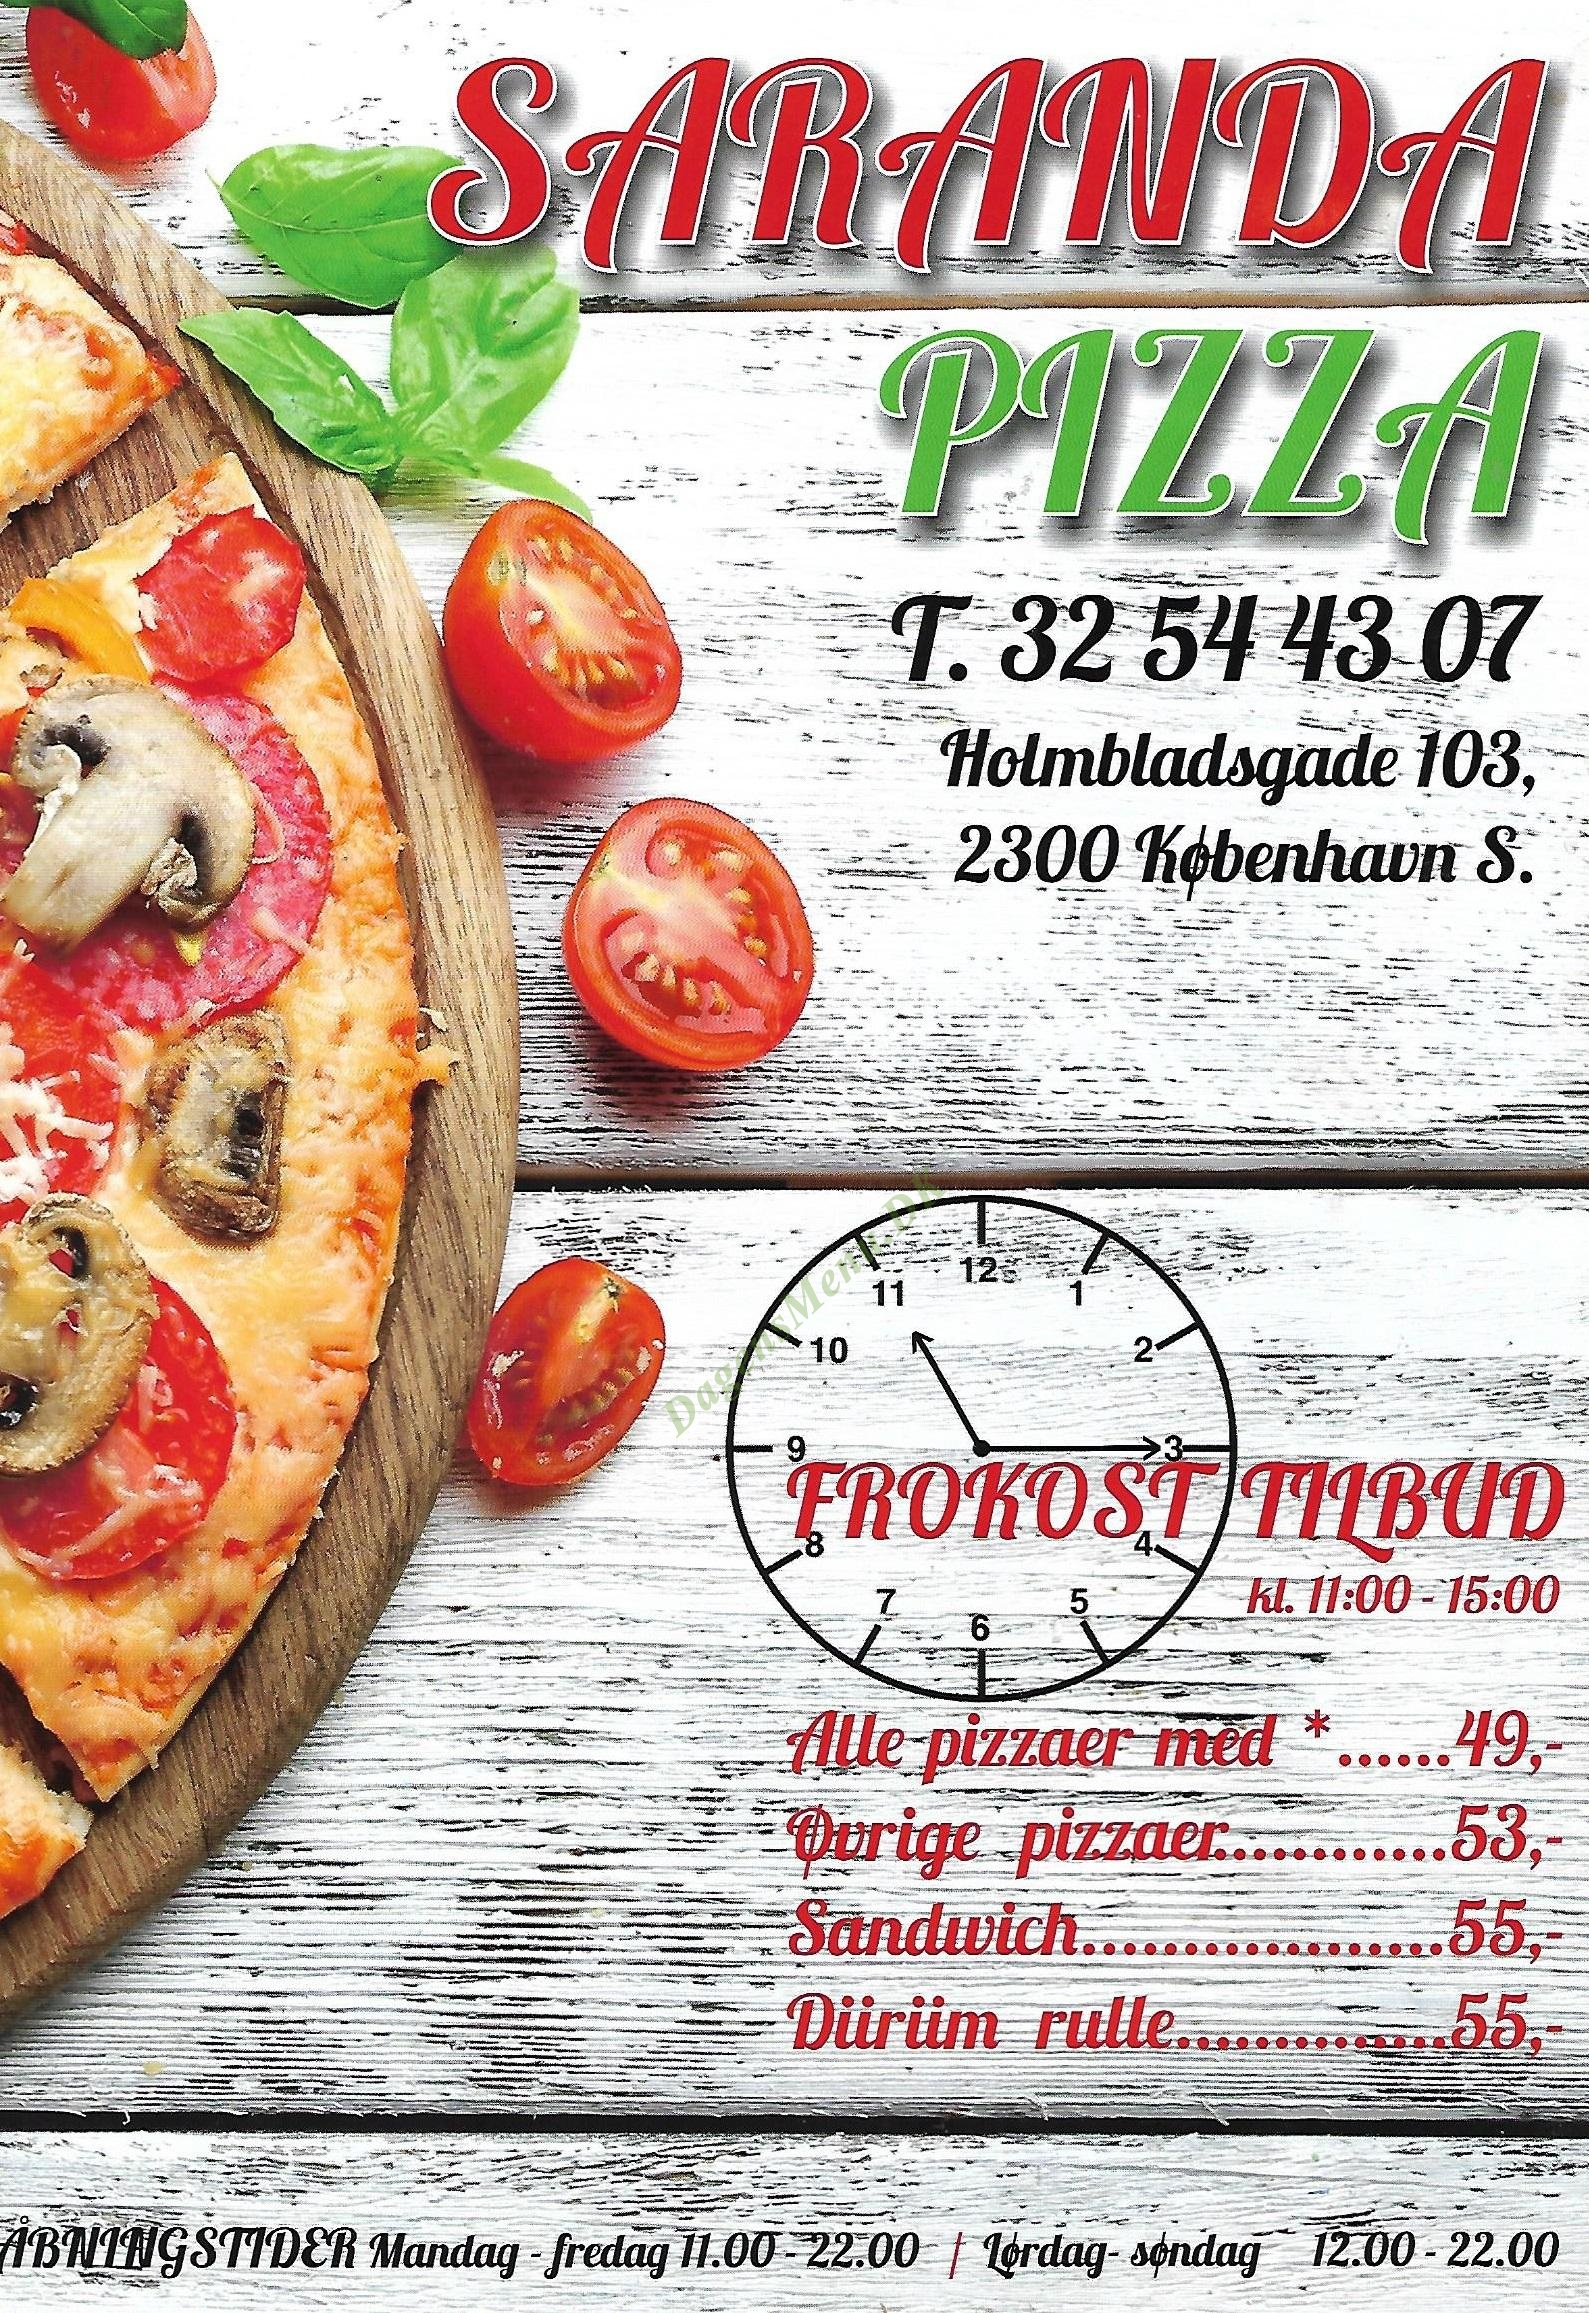 Saranda Pizzaria - Menukort